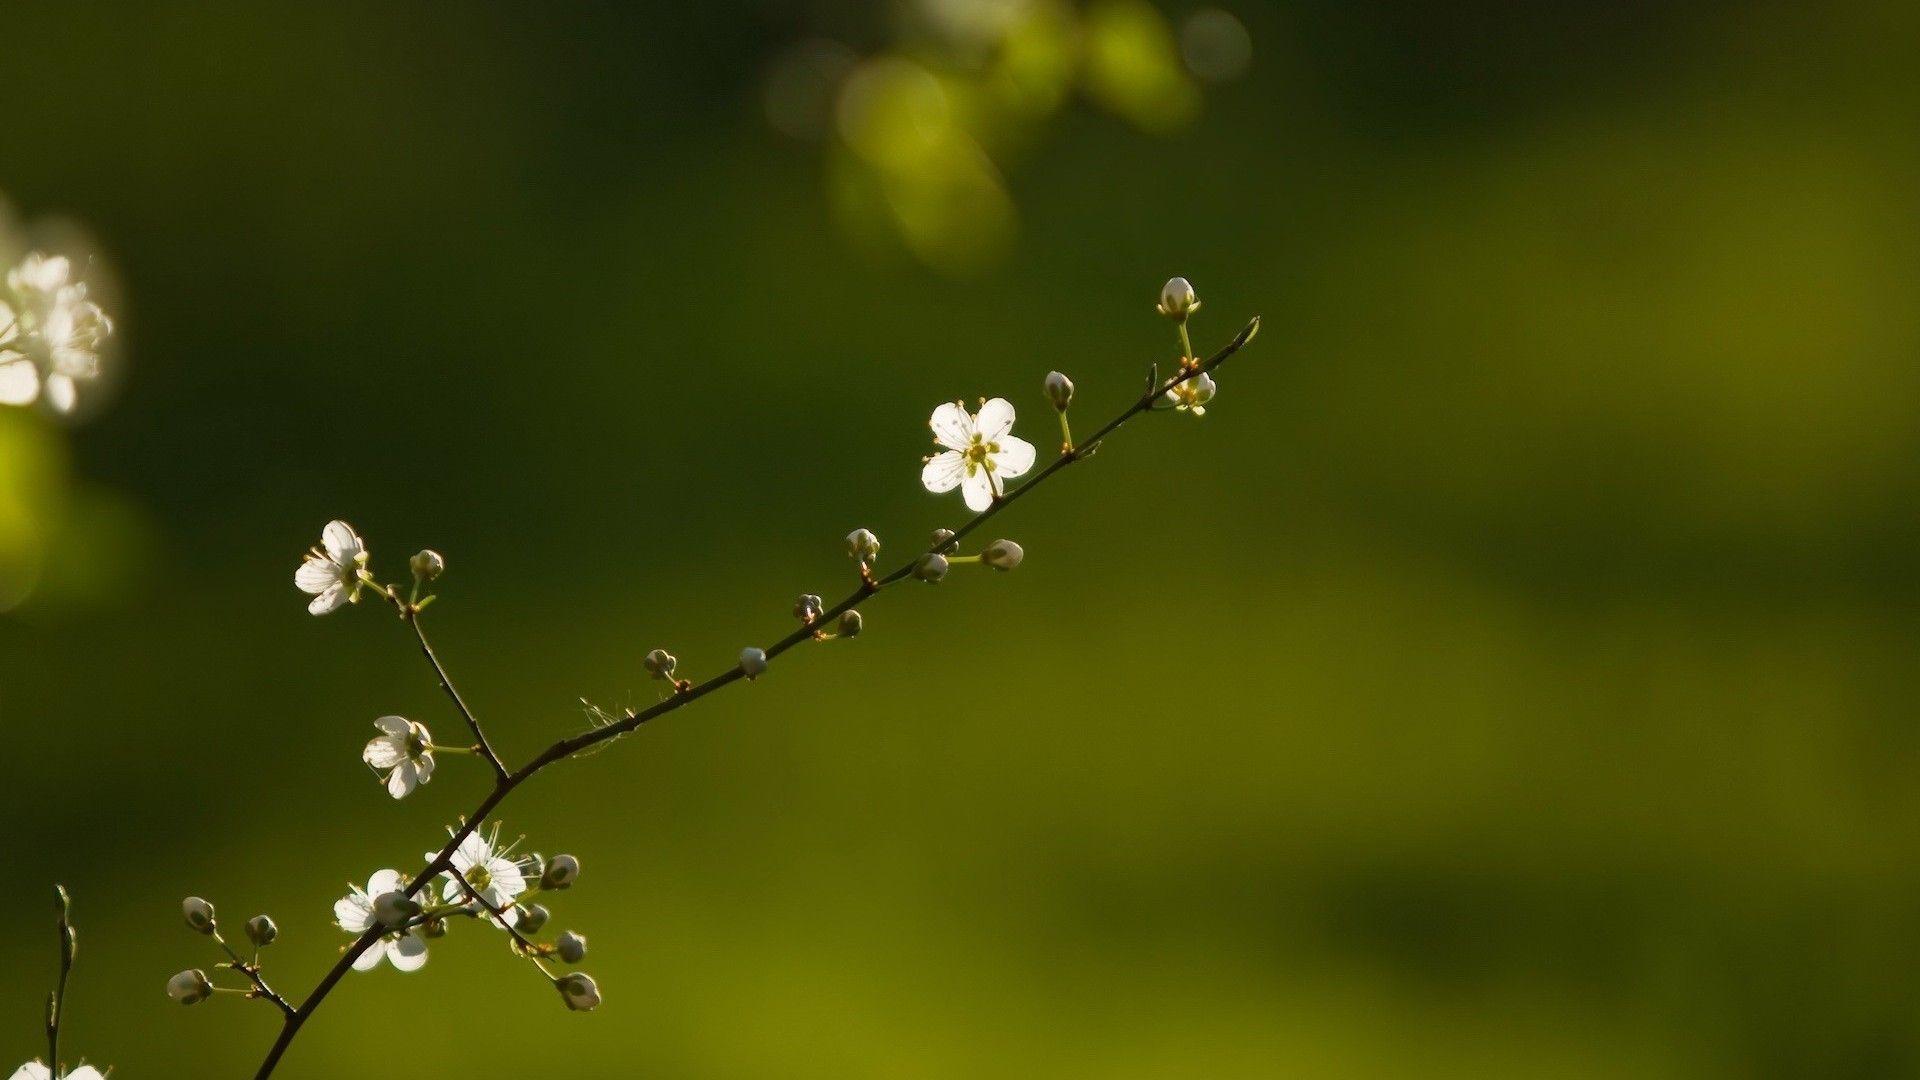 Beautiful Branch Of Flower tree hd wallpaper | HD Wallpapers ...